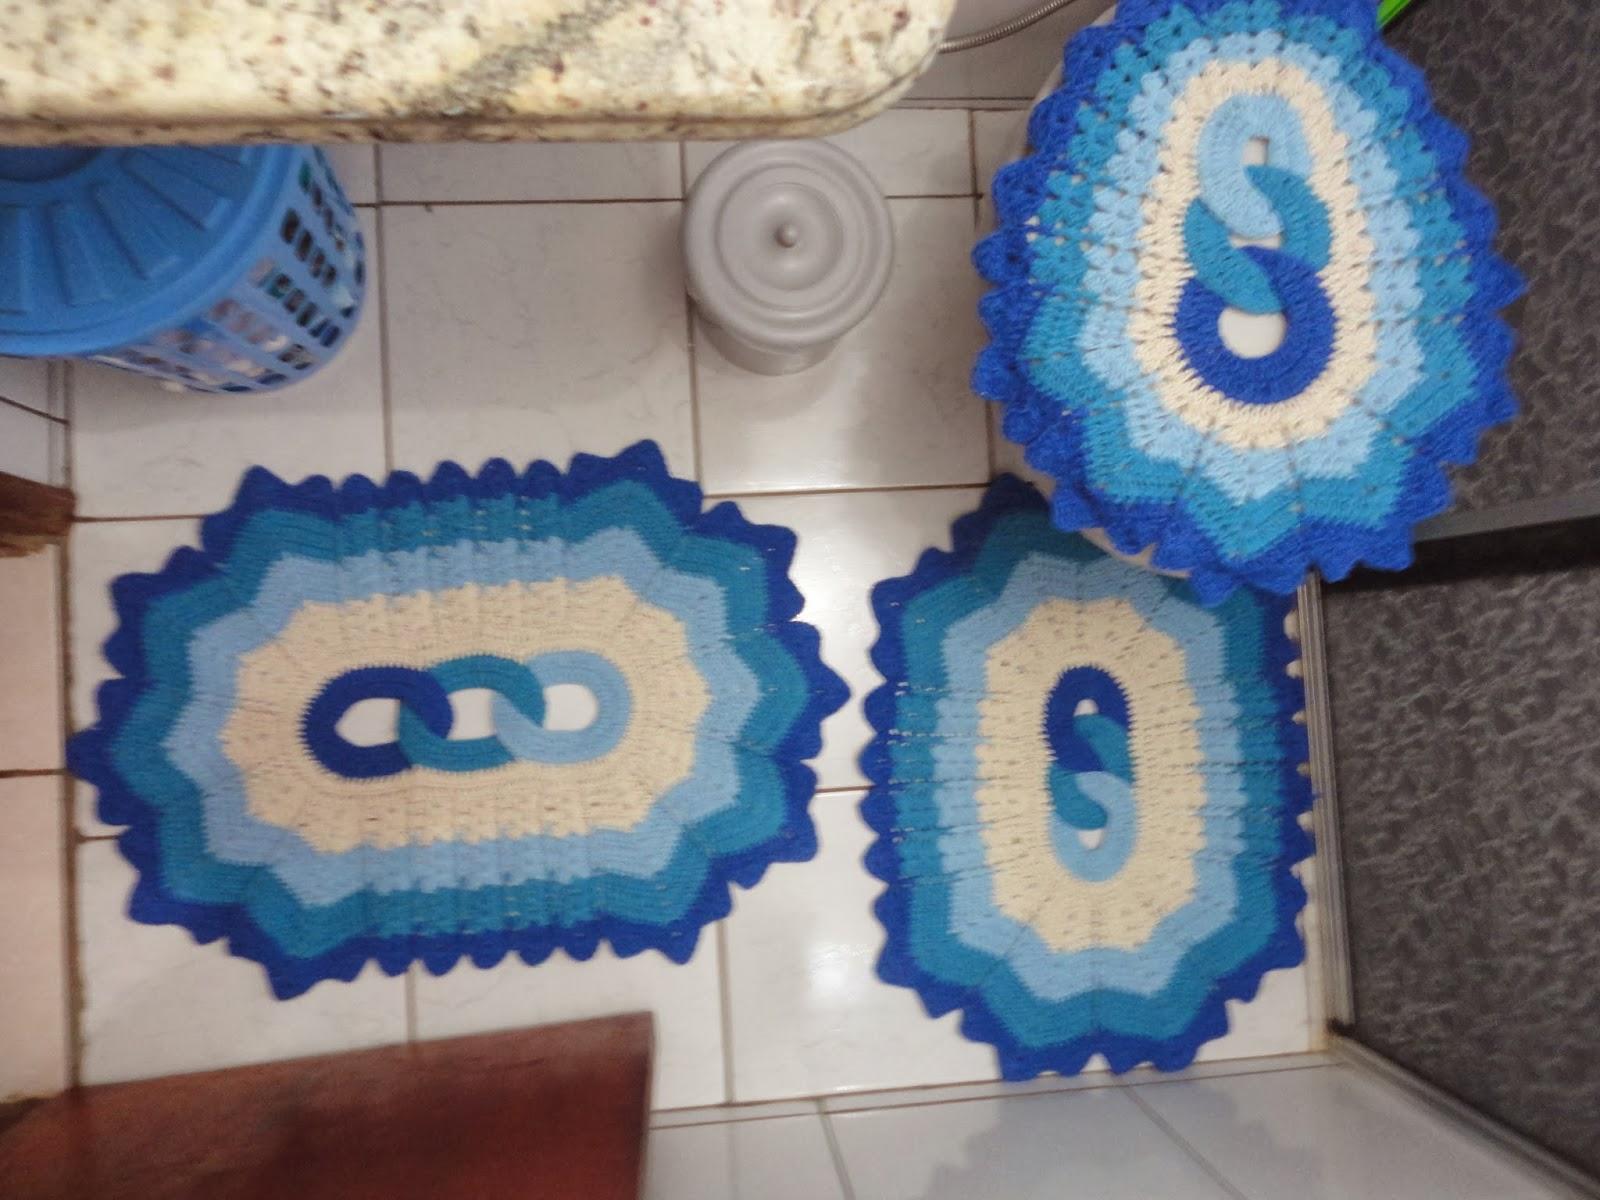 ARTES DA SI : Jogo de banheiro 4 peças em degradê azul #223F7C 1600 1200